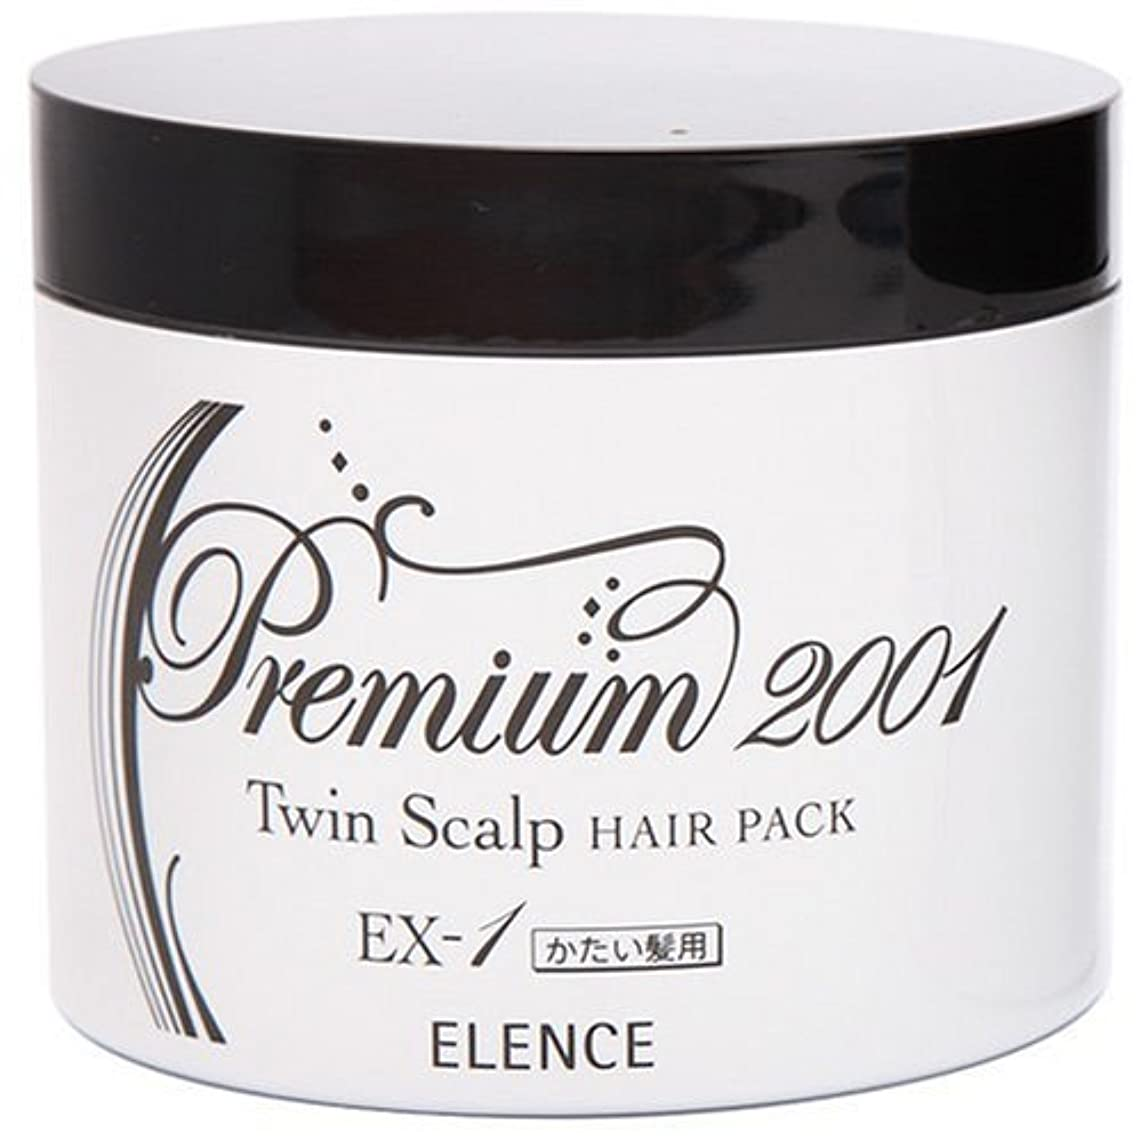 レディトリクルテスピアンエレンス2001 ツインスキャルプヘアパックEX-1(かたい髪用)